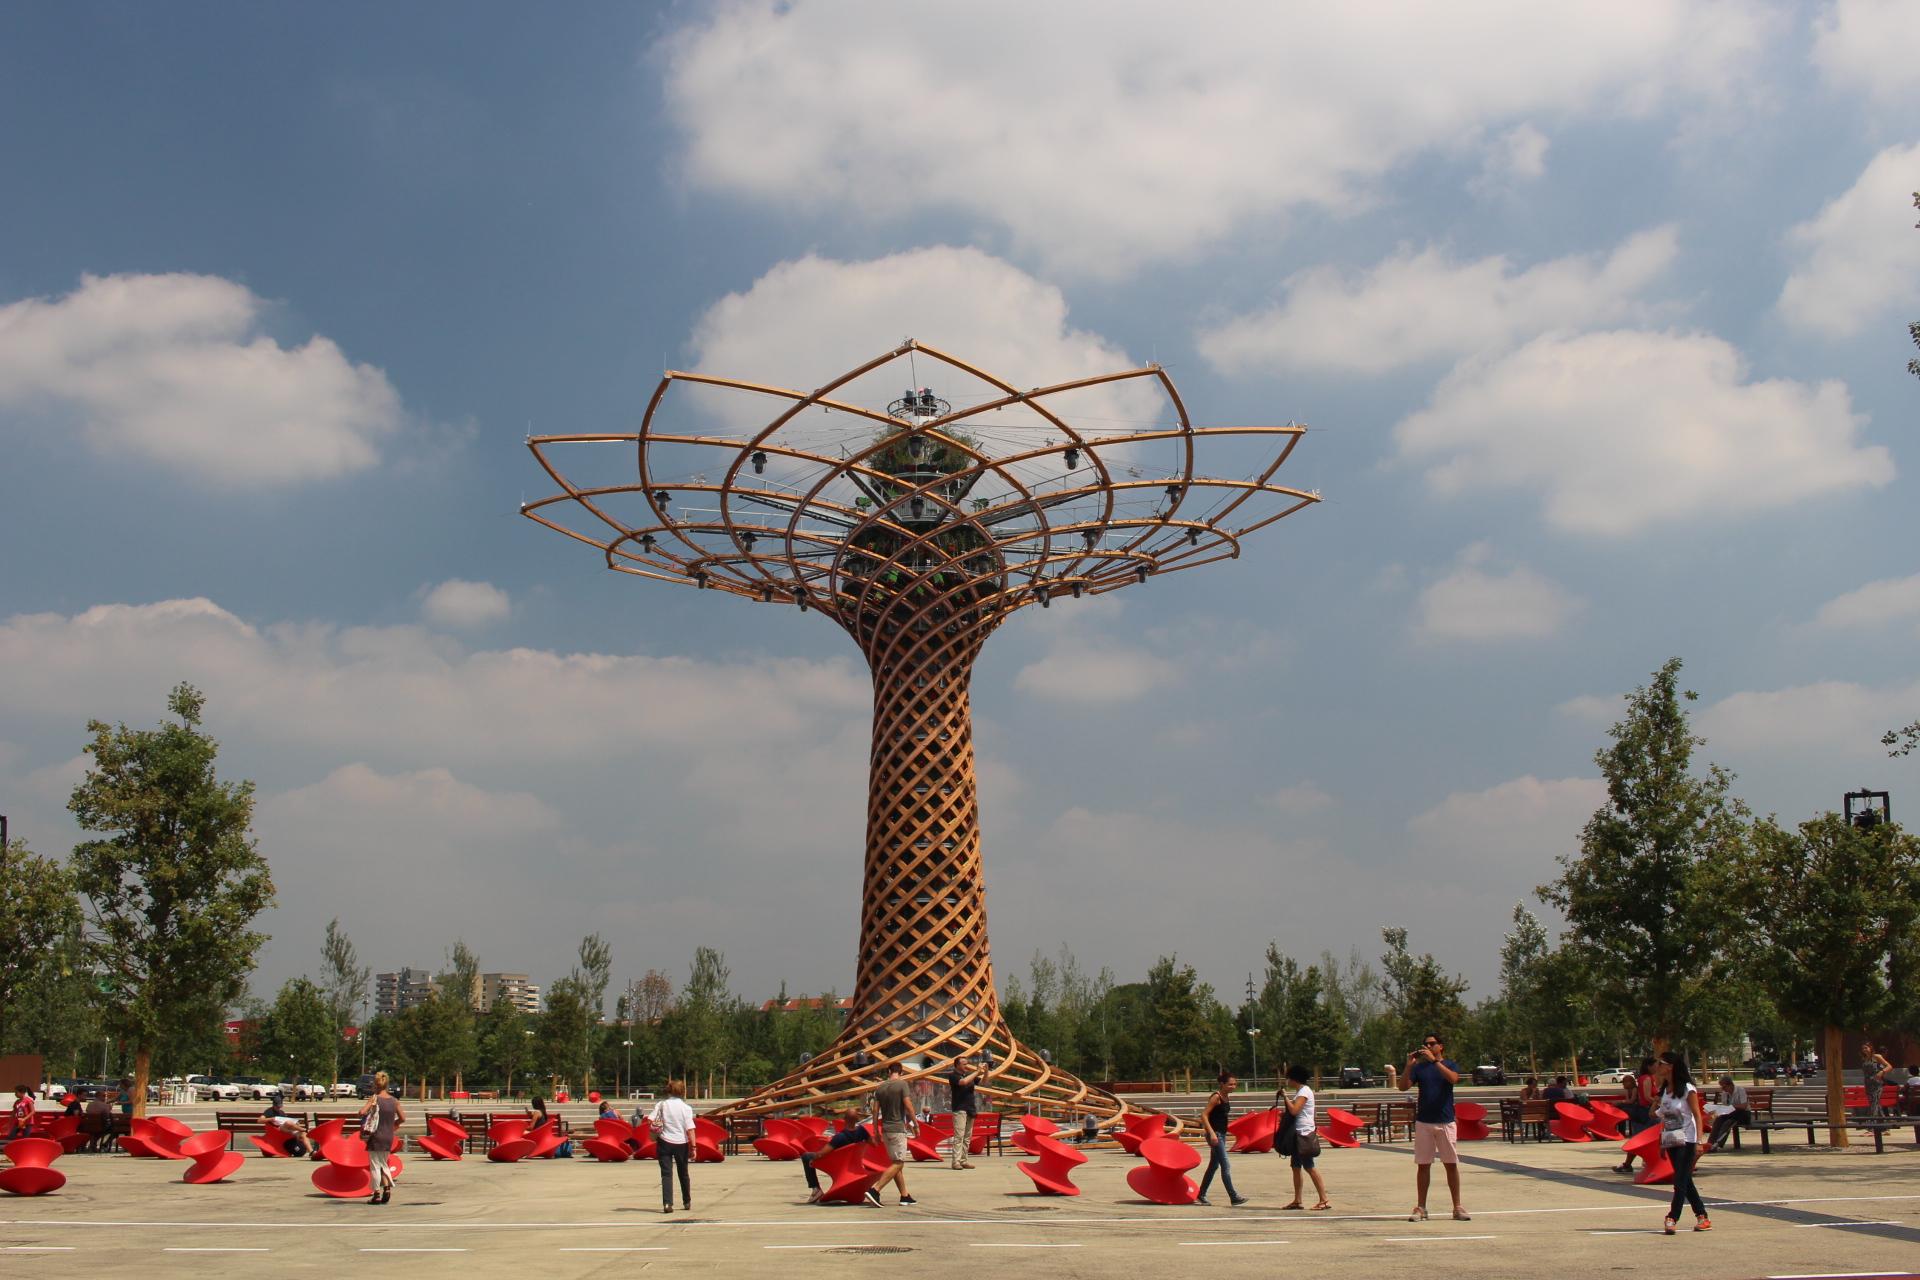 IMG_1164- Arvore do Futuro - Expo Milano 2015.jpg